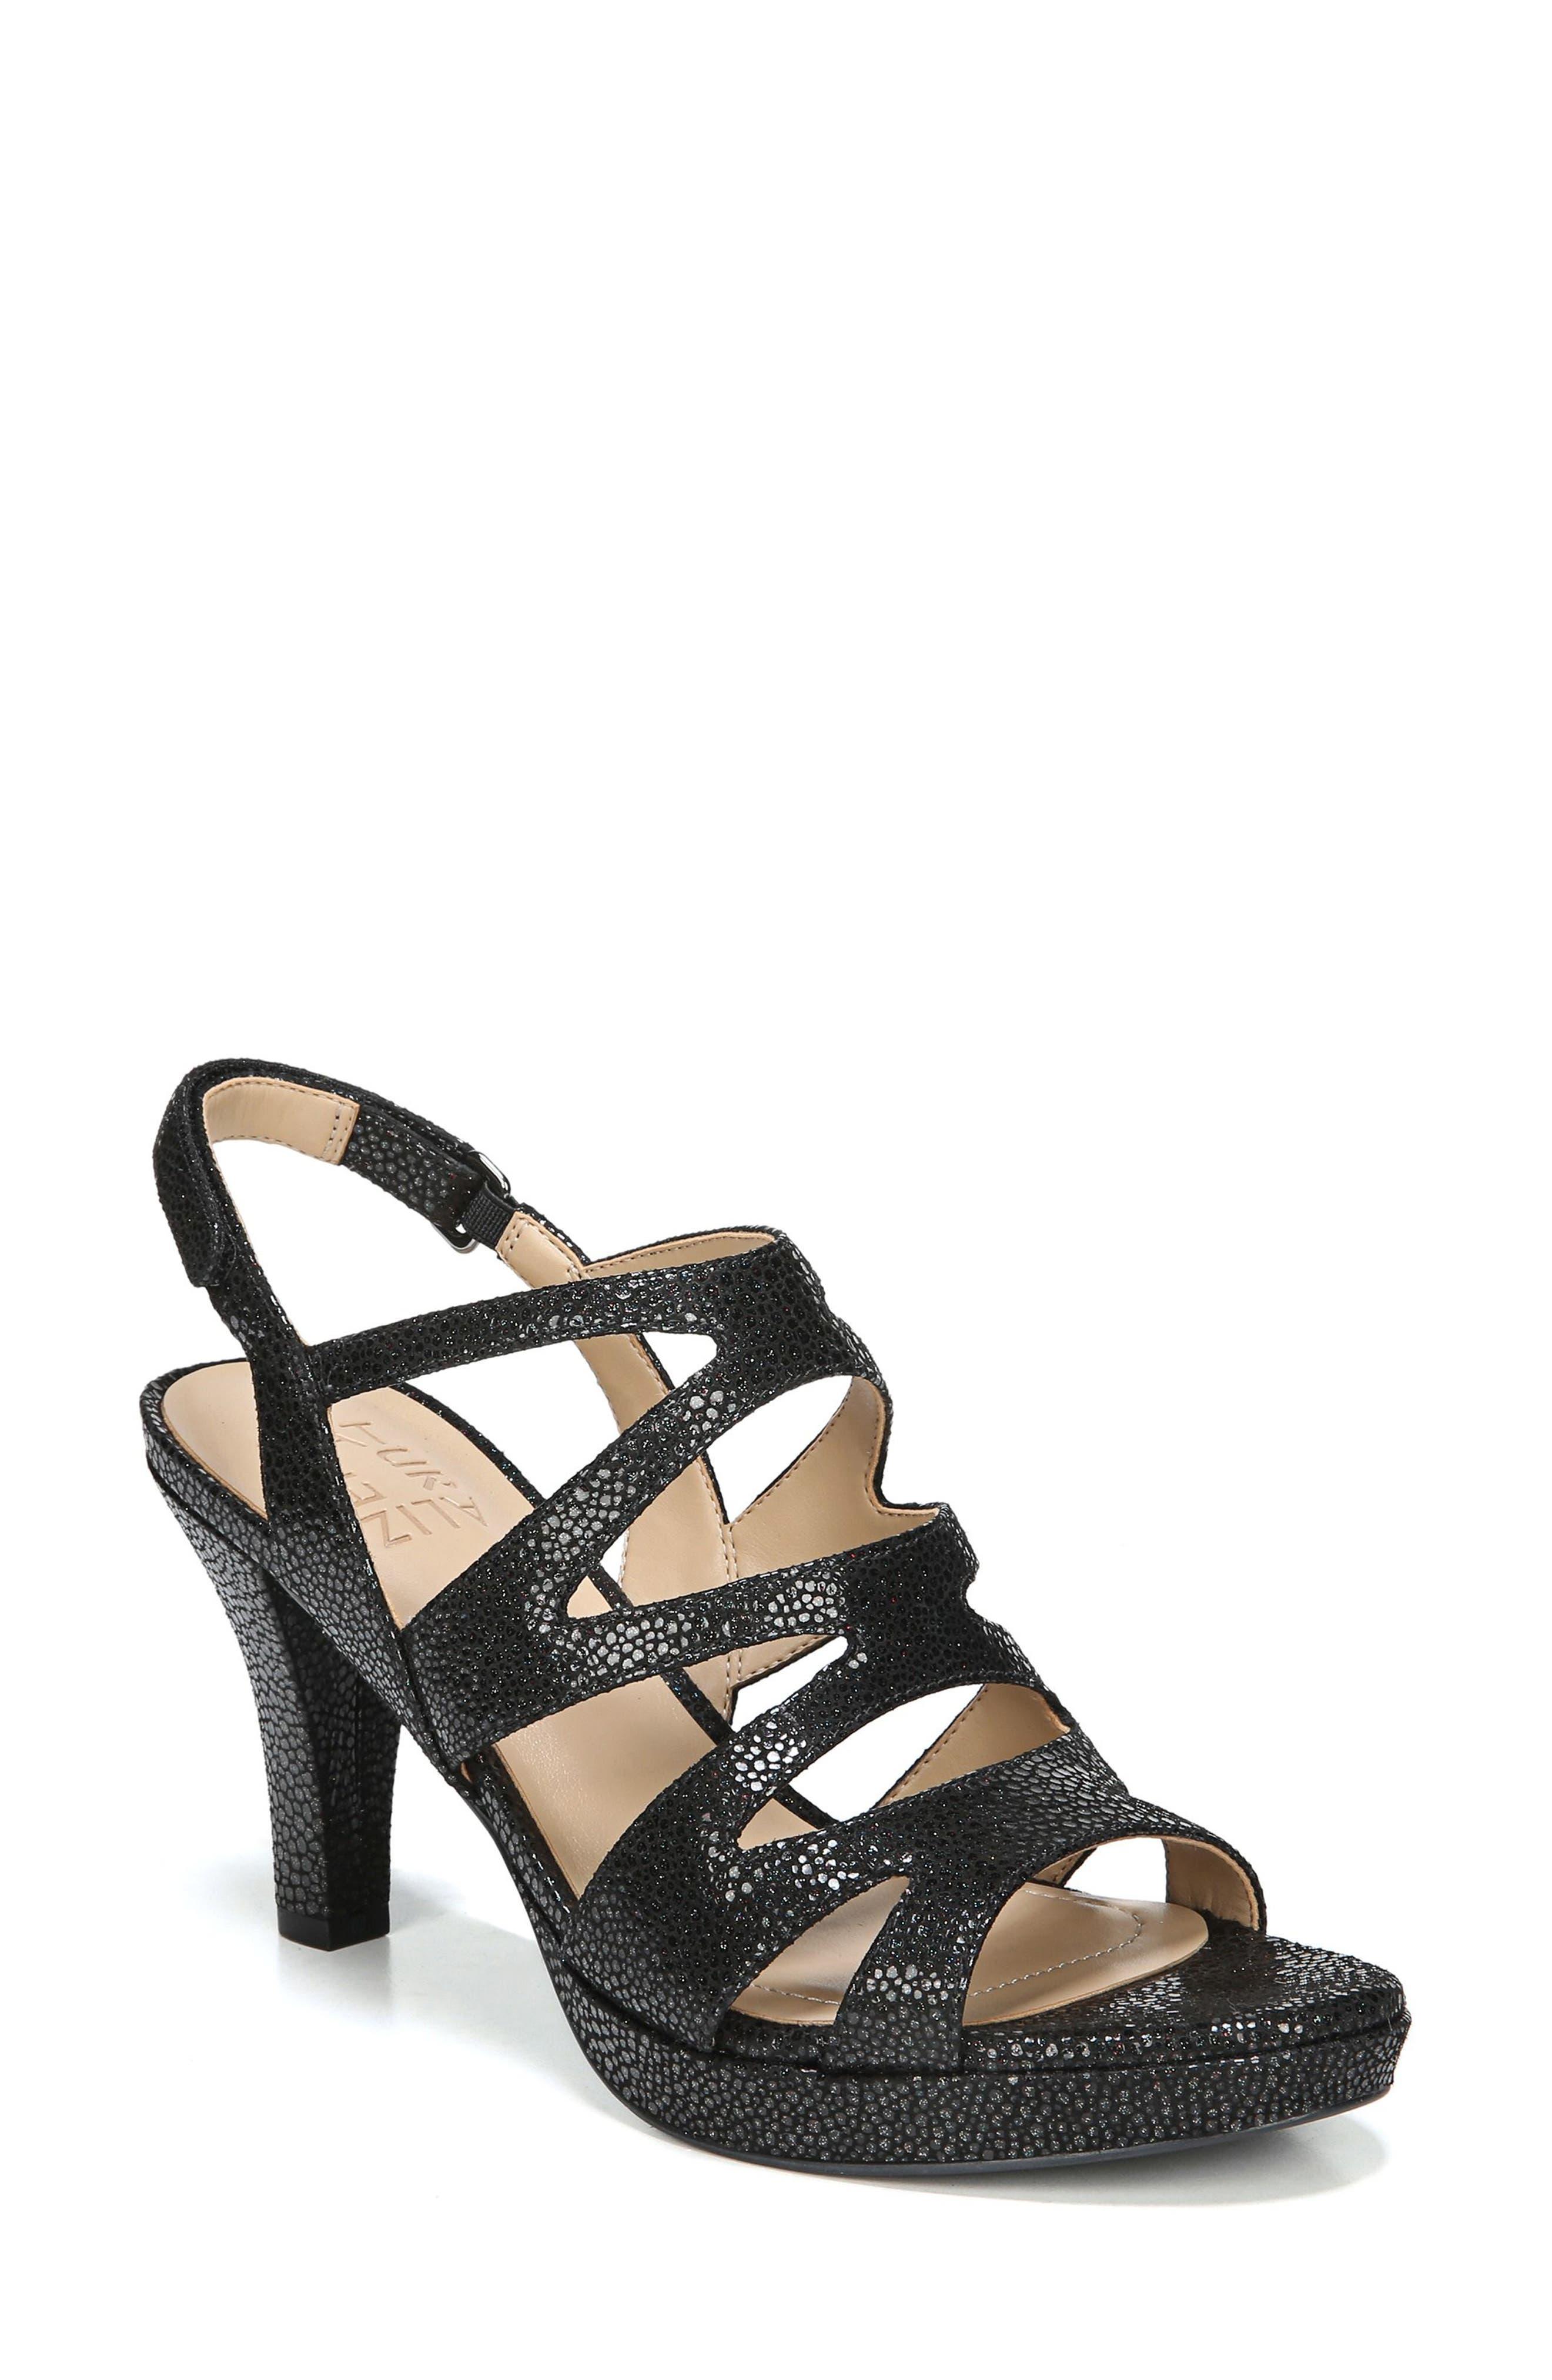 Main Image - Naturalizer 'Pressley' Slingback Platform Sandal (Women)